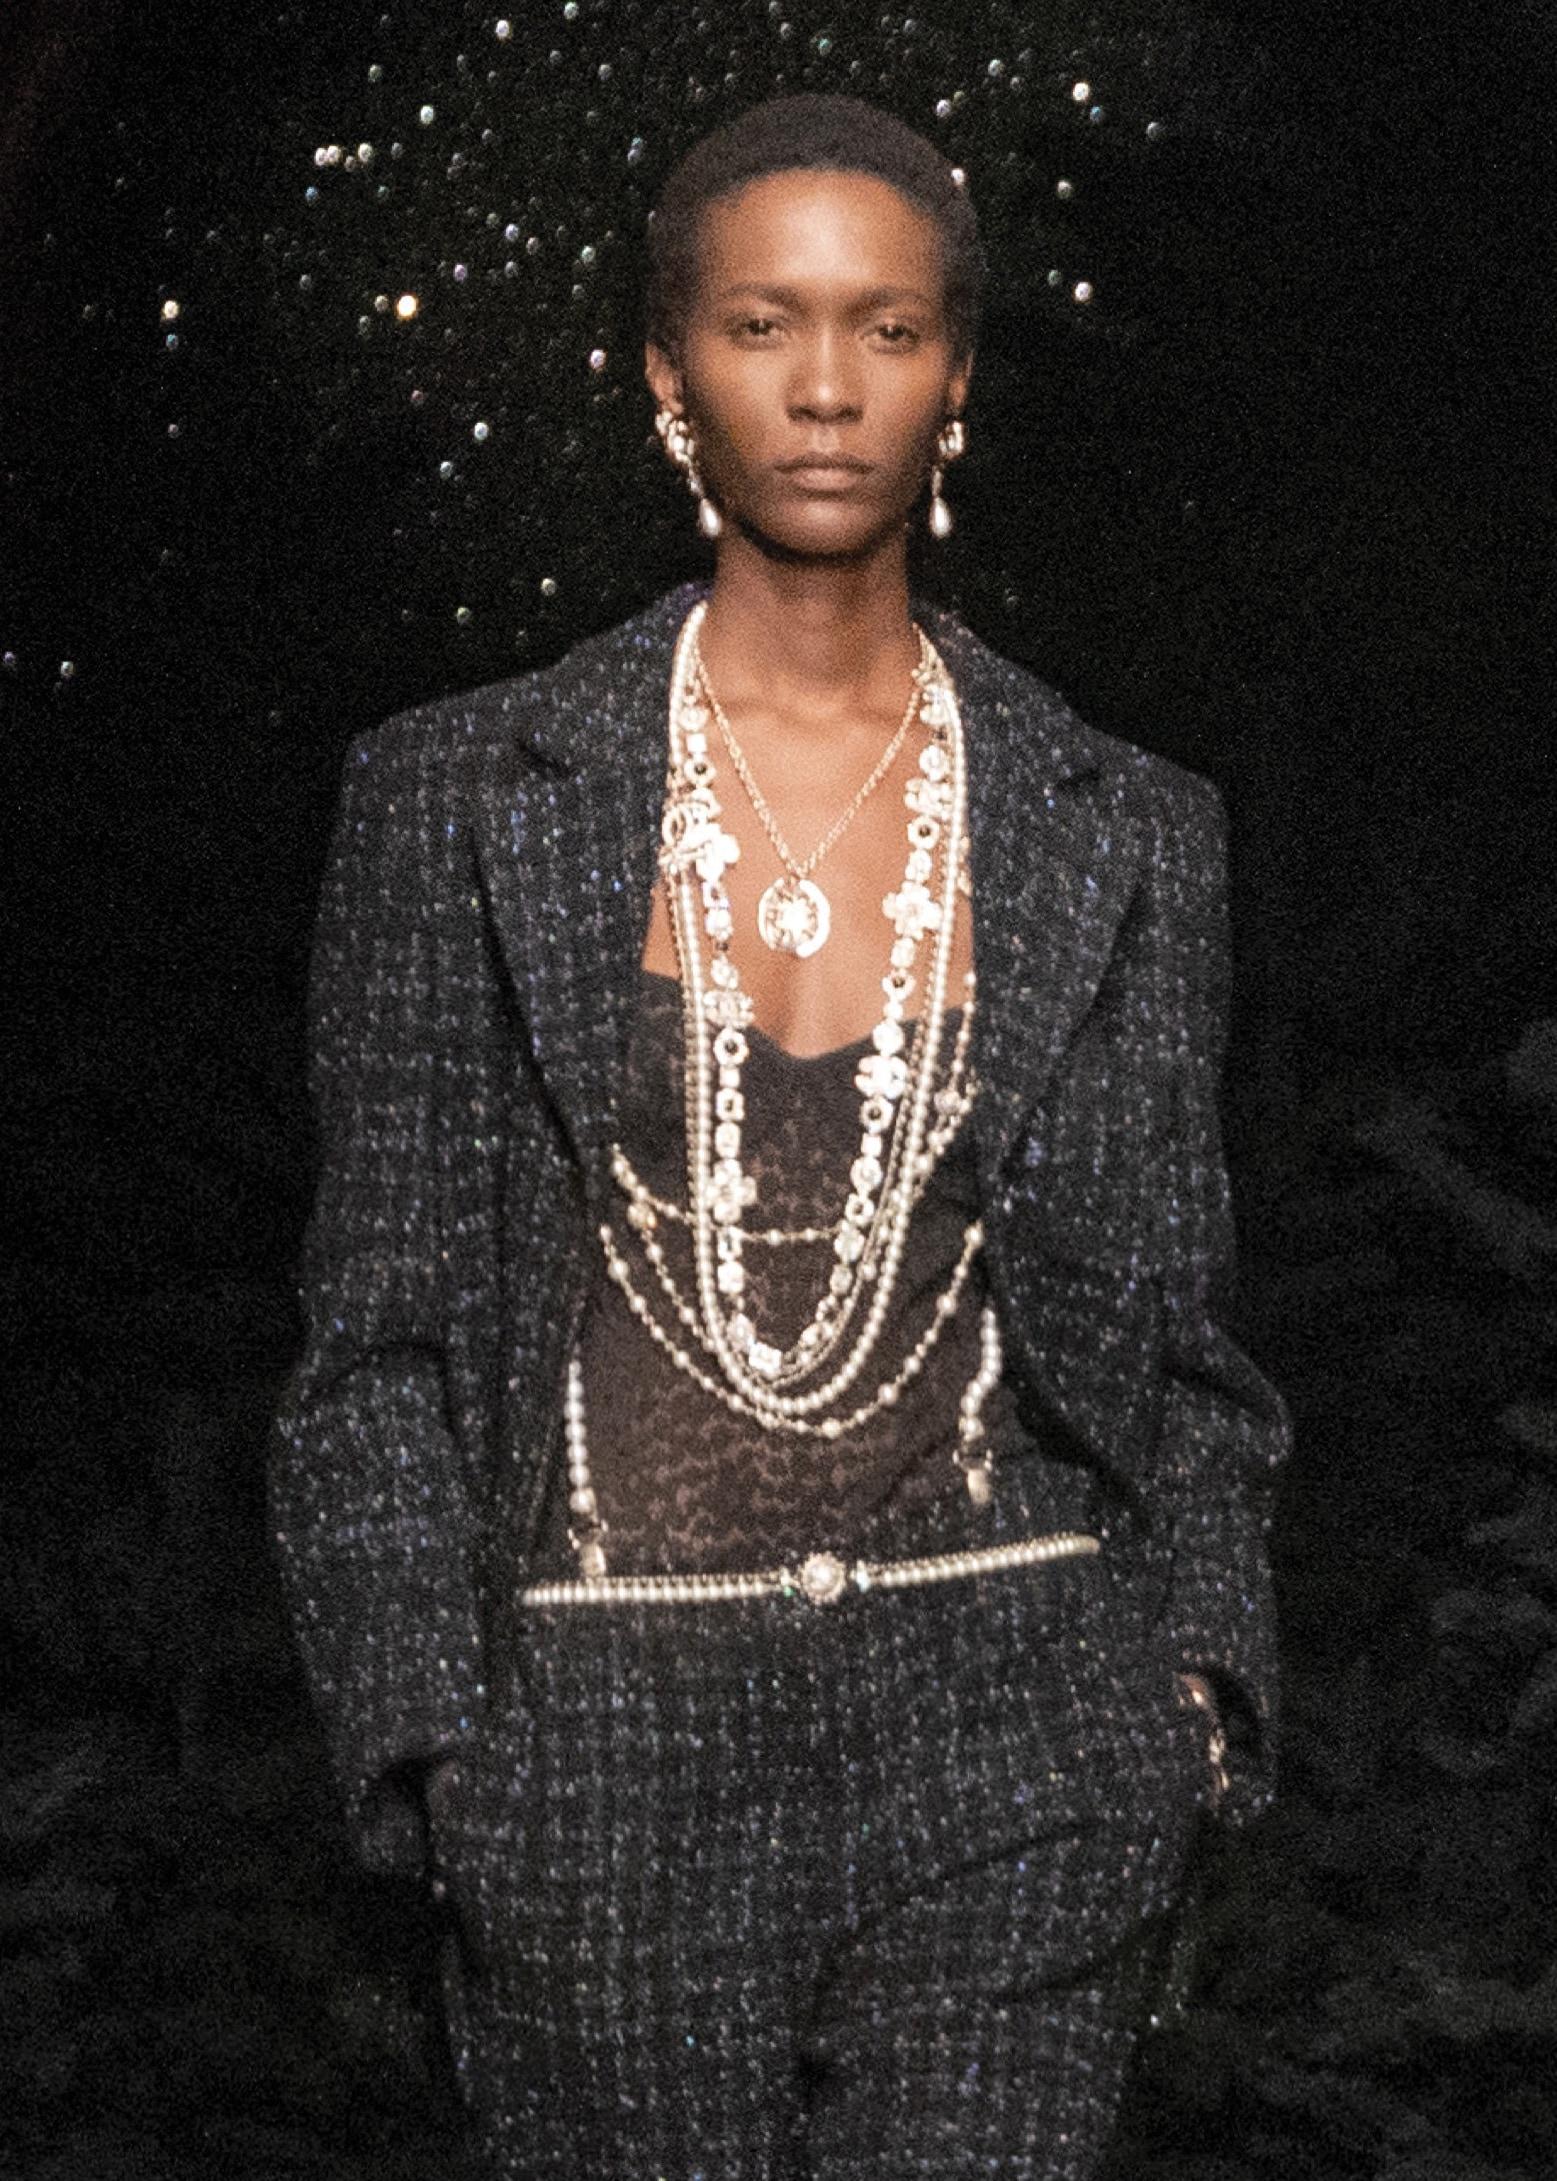 Chanel. Body in pizzo nero con giacca e pantaloni in tweed iridescente. Collane in metallo effetto dorato con maxi charm e multifilo in perle.